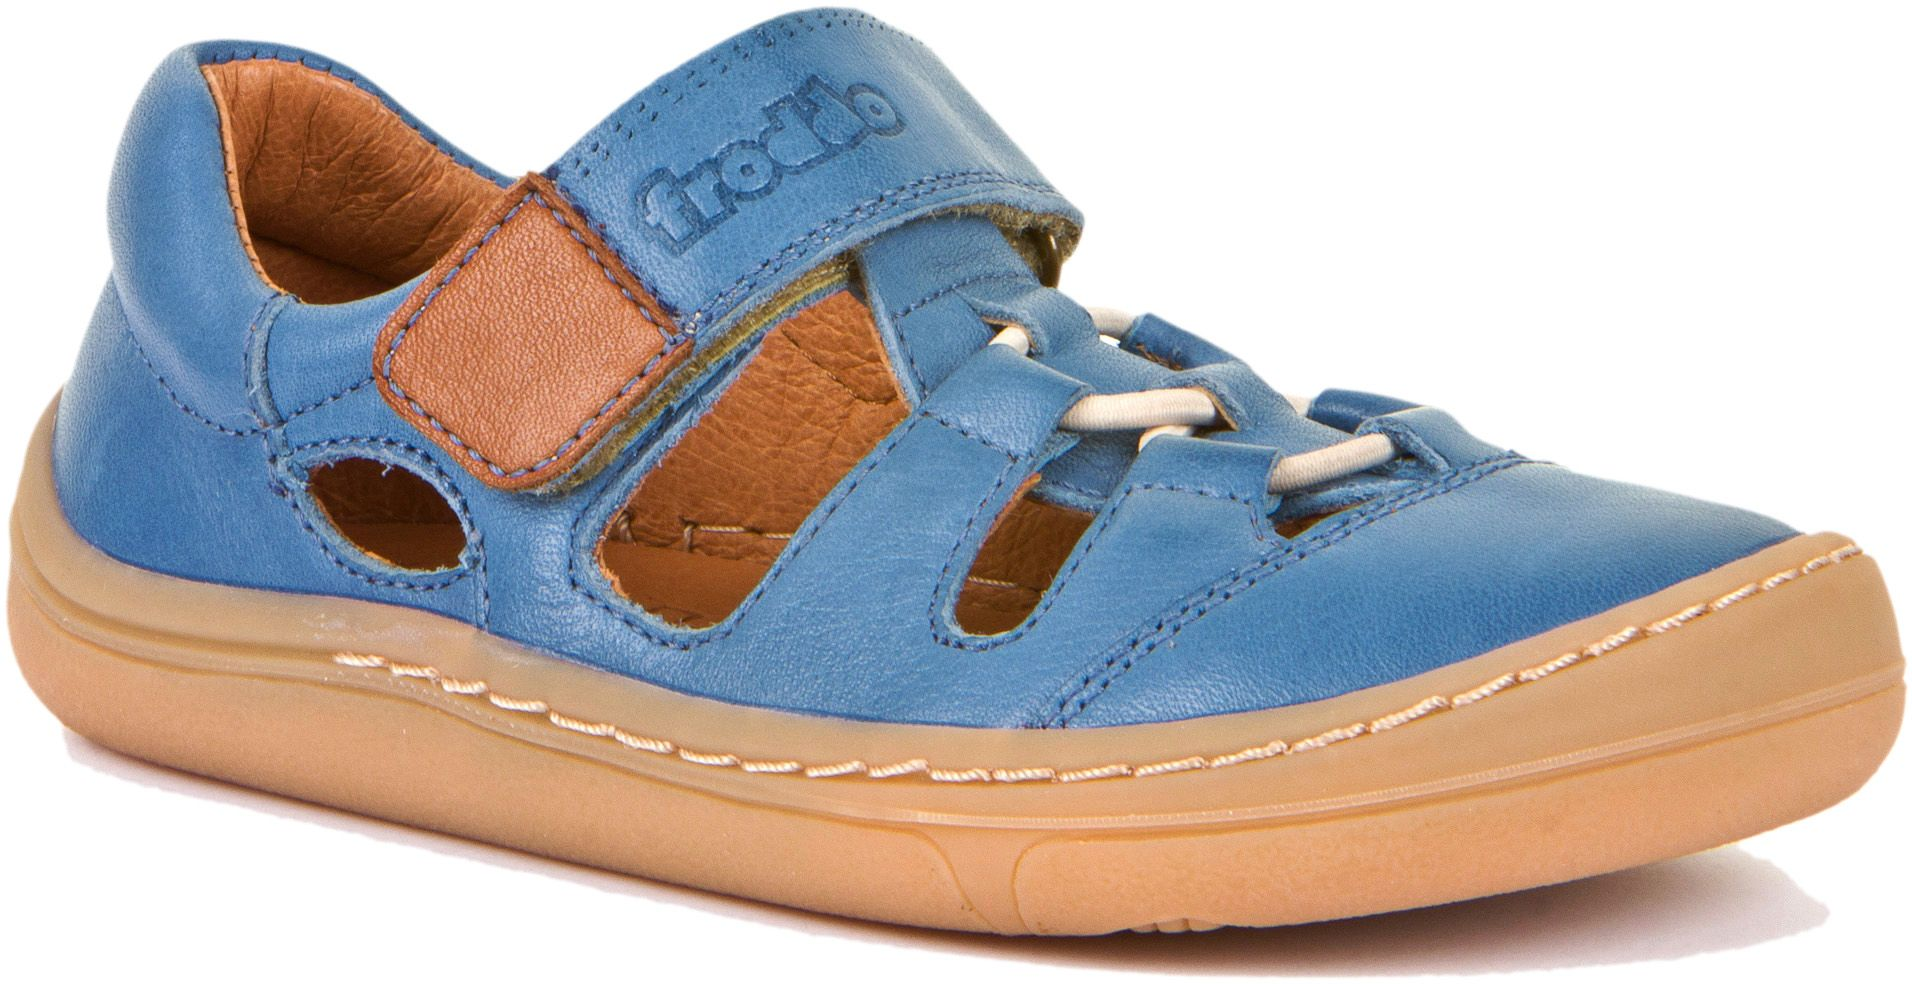 Froddo Barfuß Sandale Doppelklett Jeans